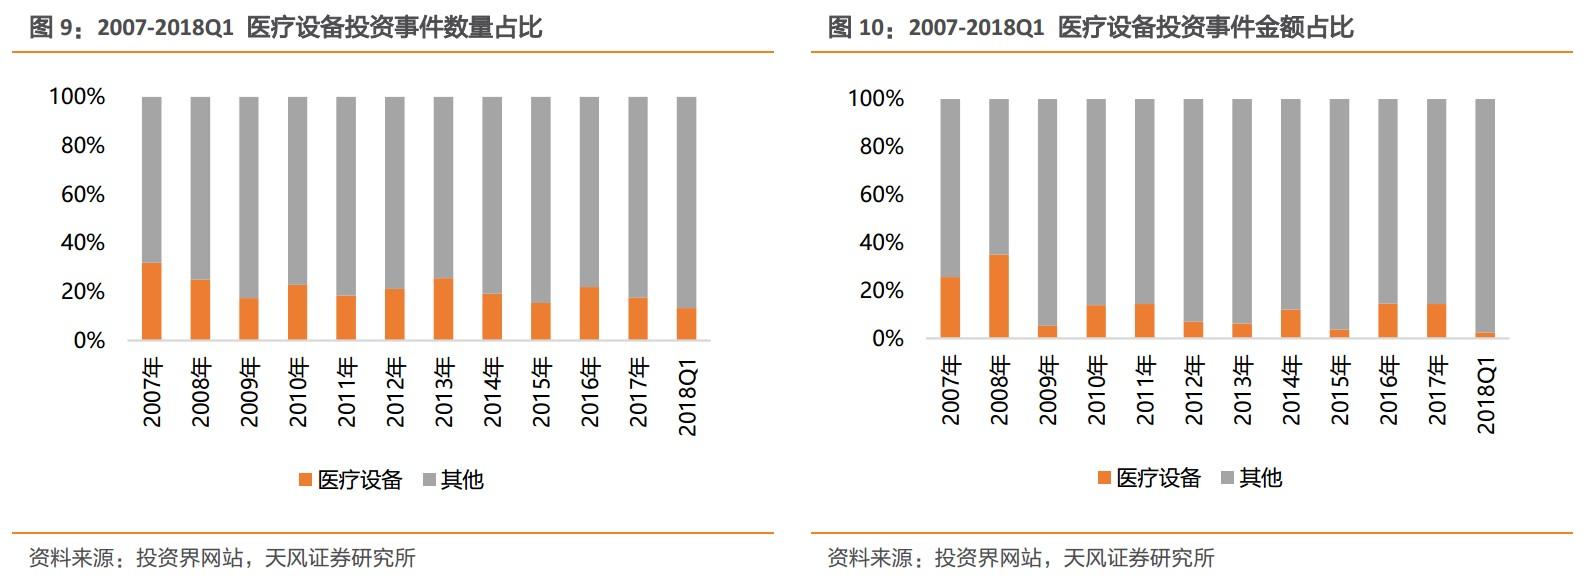 3. 清科统计数据:医疗设备行业股权投资情况.jpg